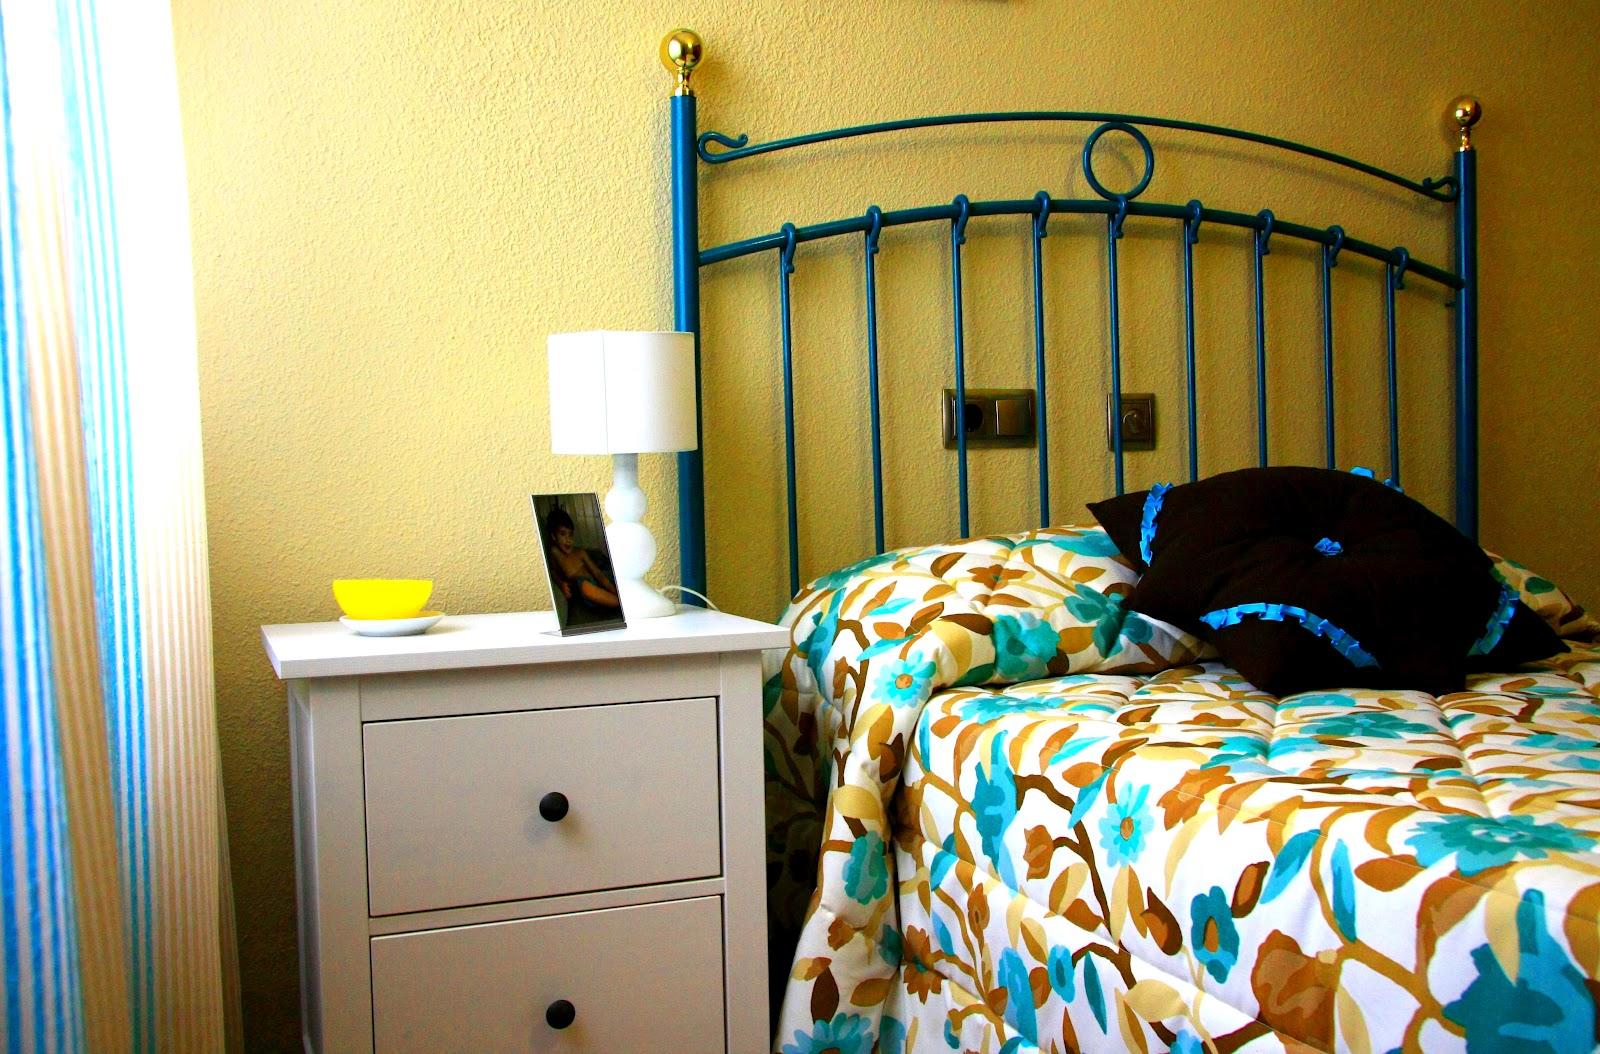 El rinc n de candi 11 ideas para decorar el cabecero de tu cama - Decorar cabeceros de cama ...